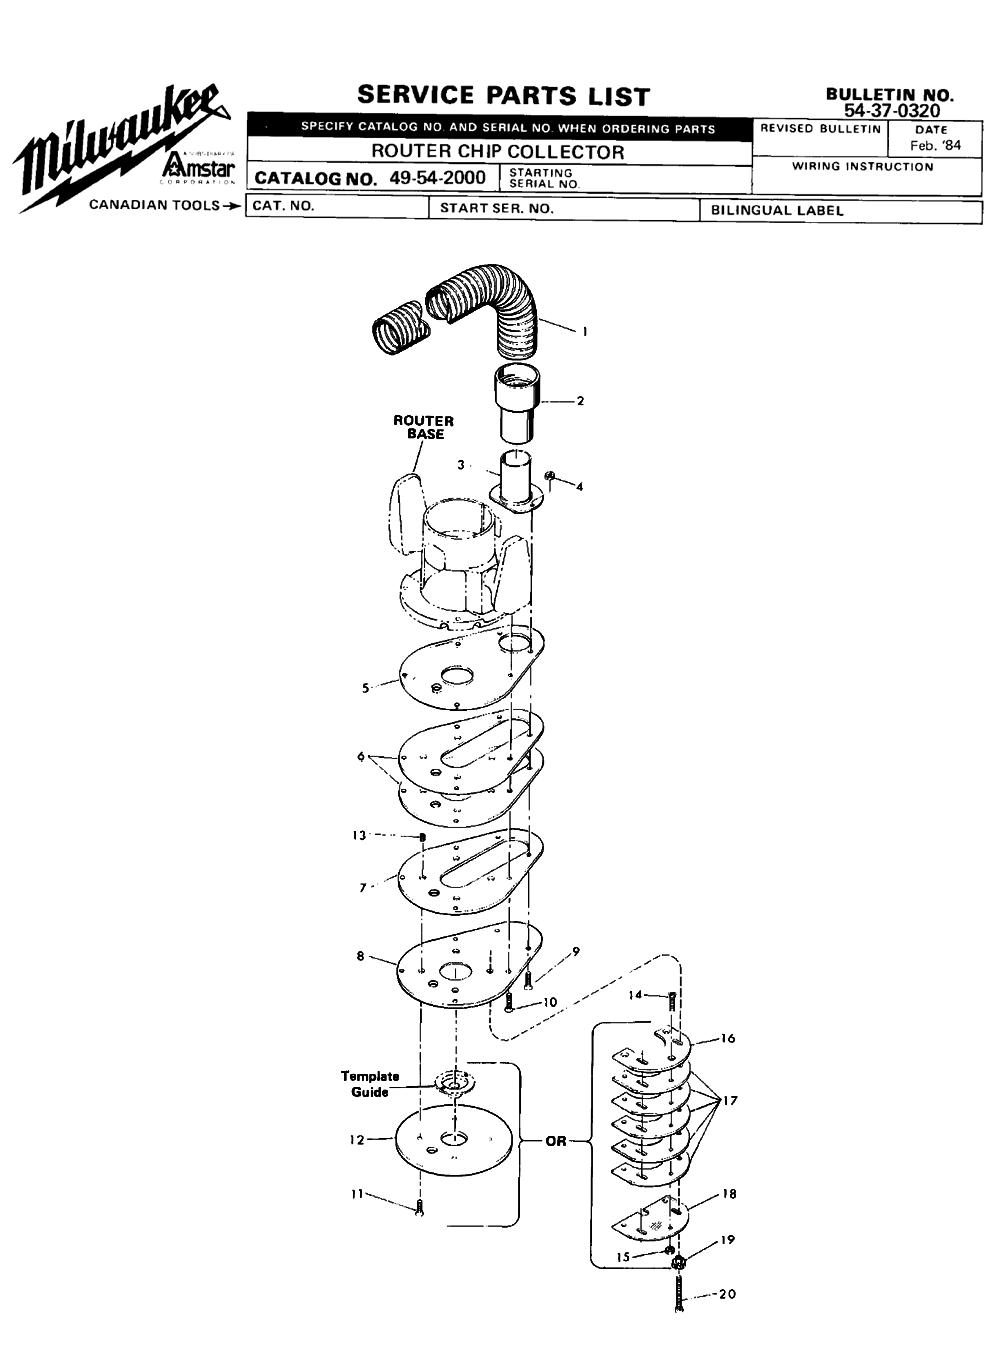 Ryobi Router Parts Diagram, Ryobi, Free Engine Image For